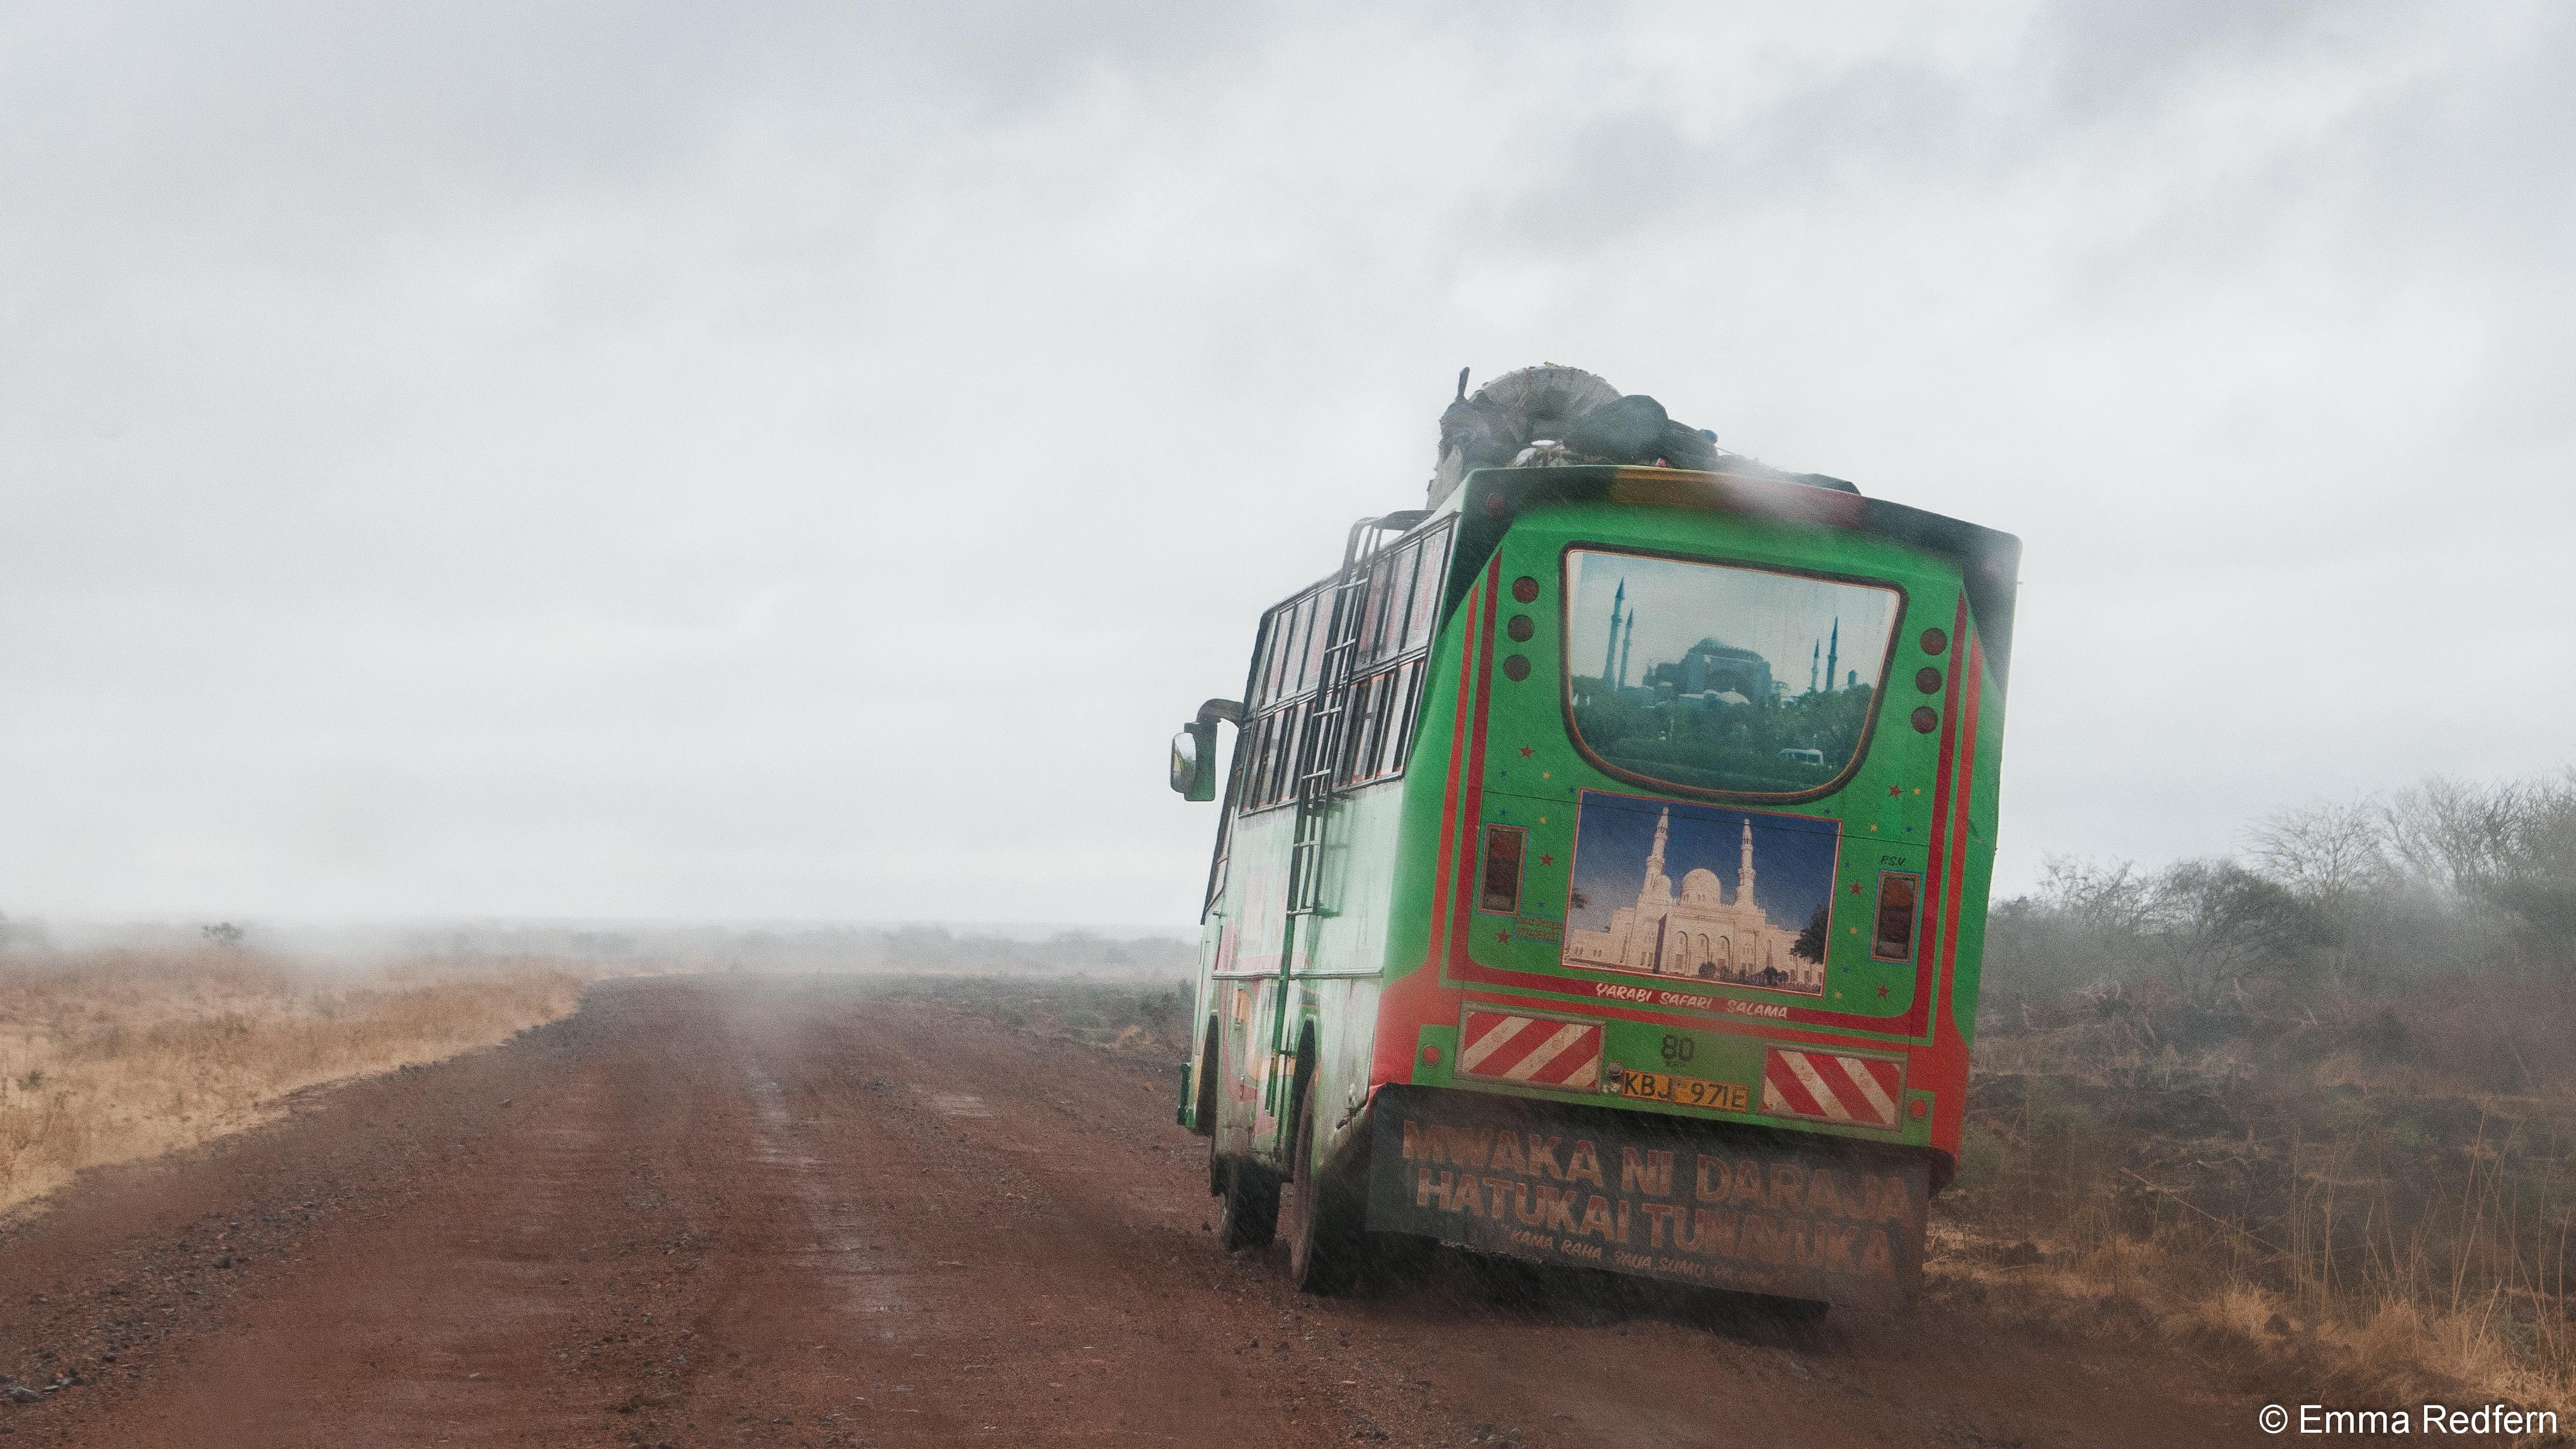 Moyale Bus